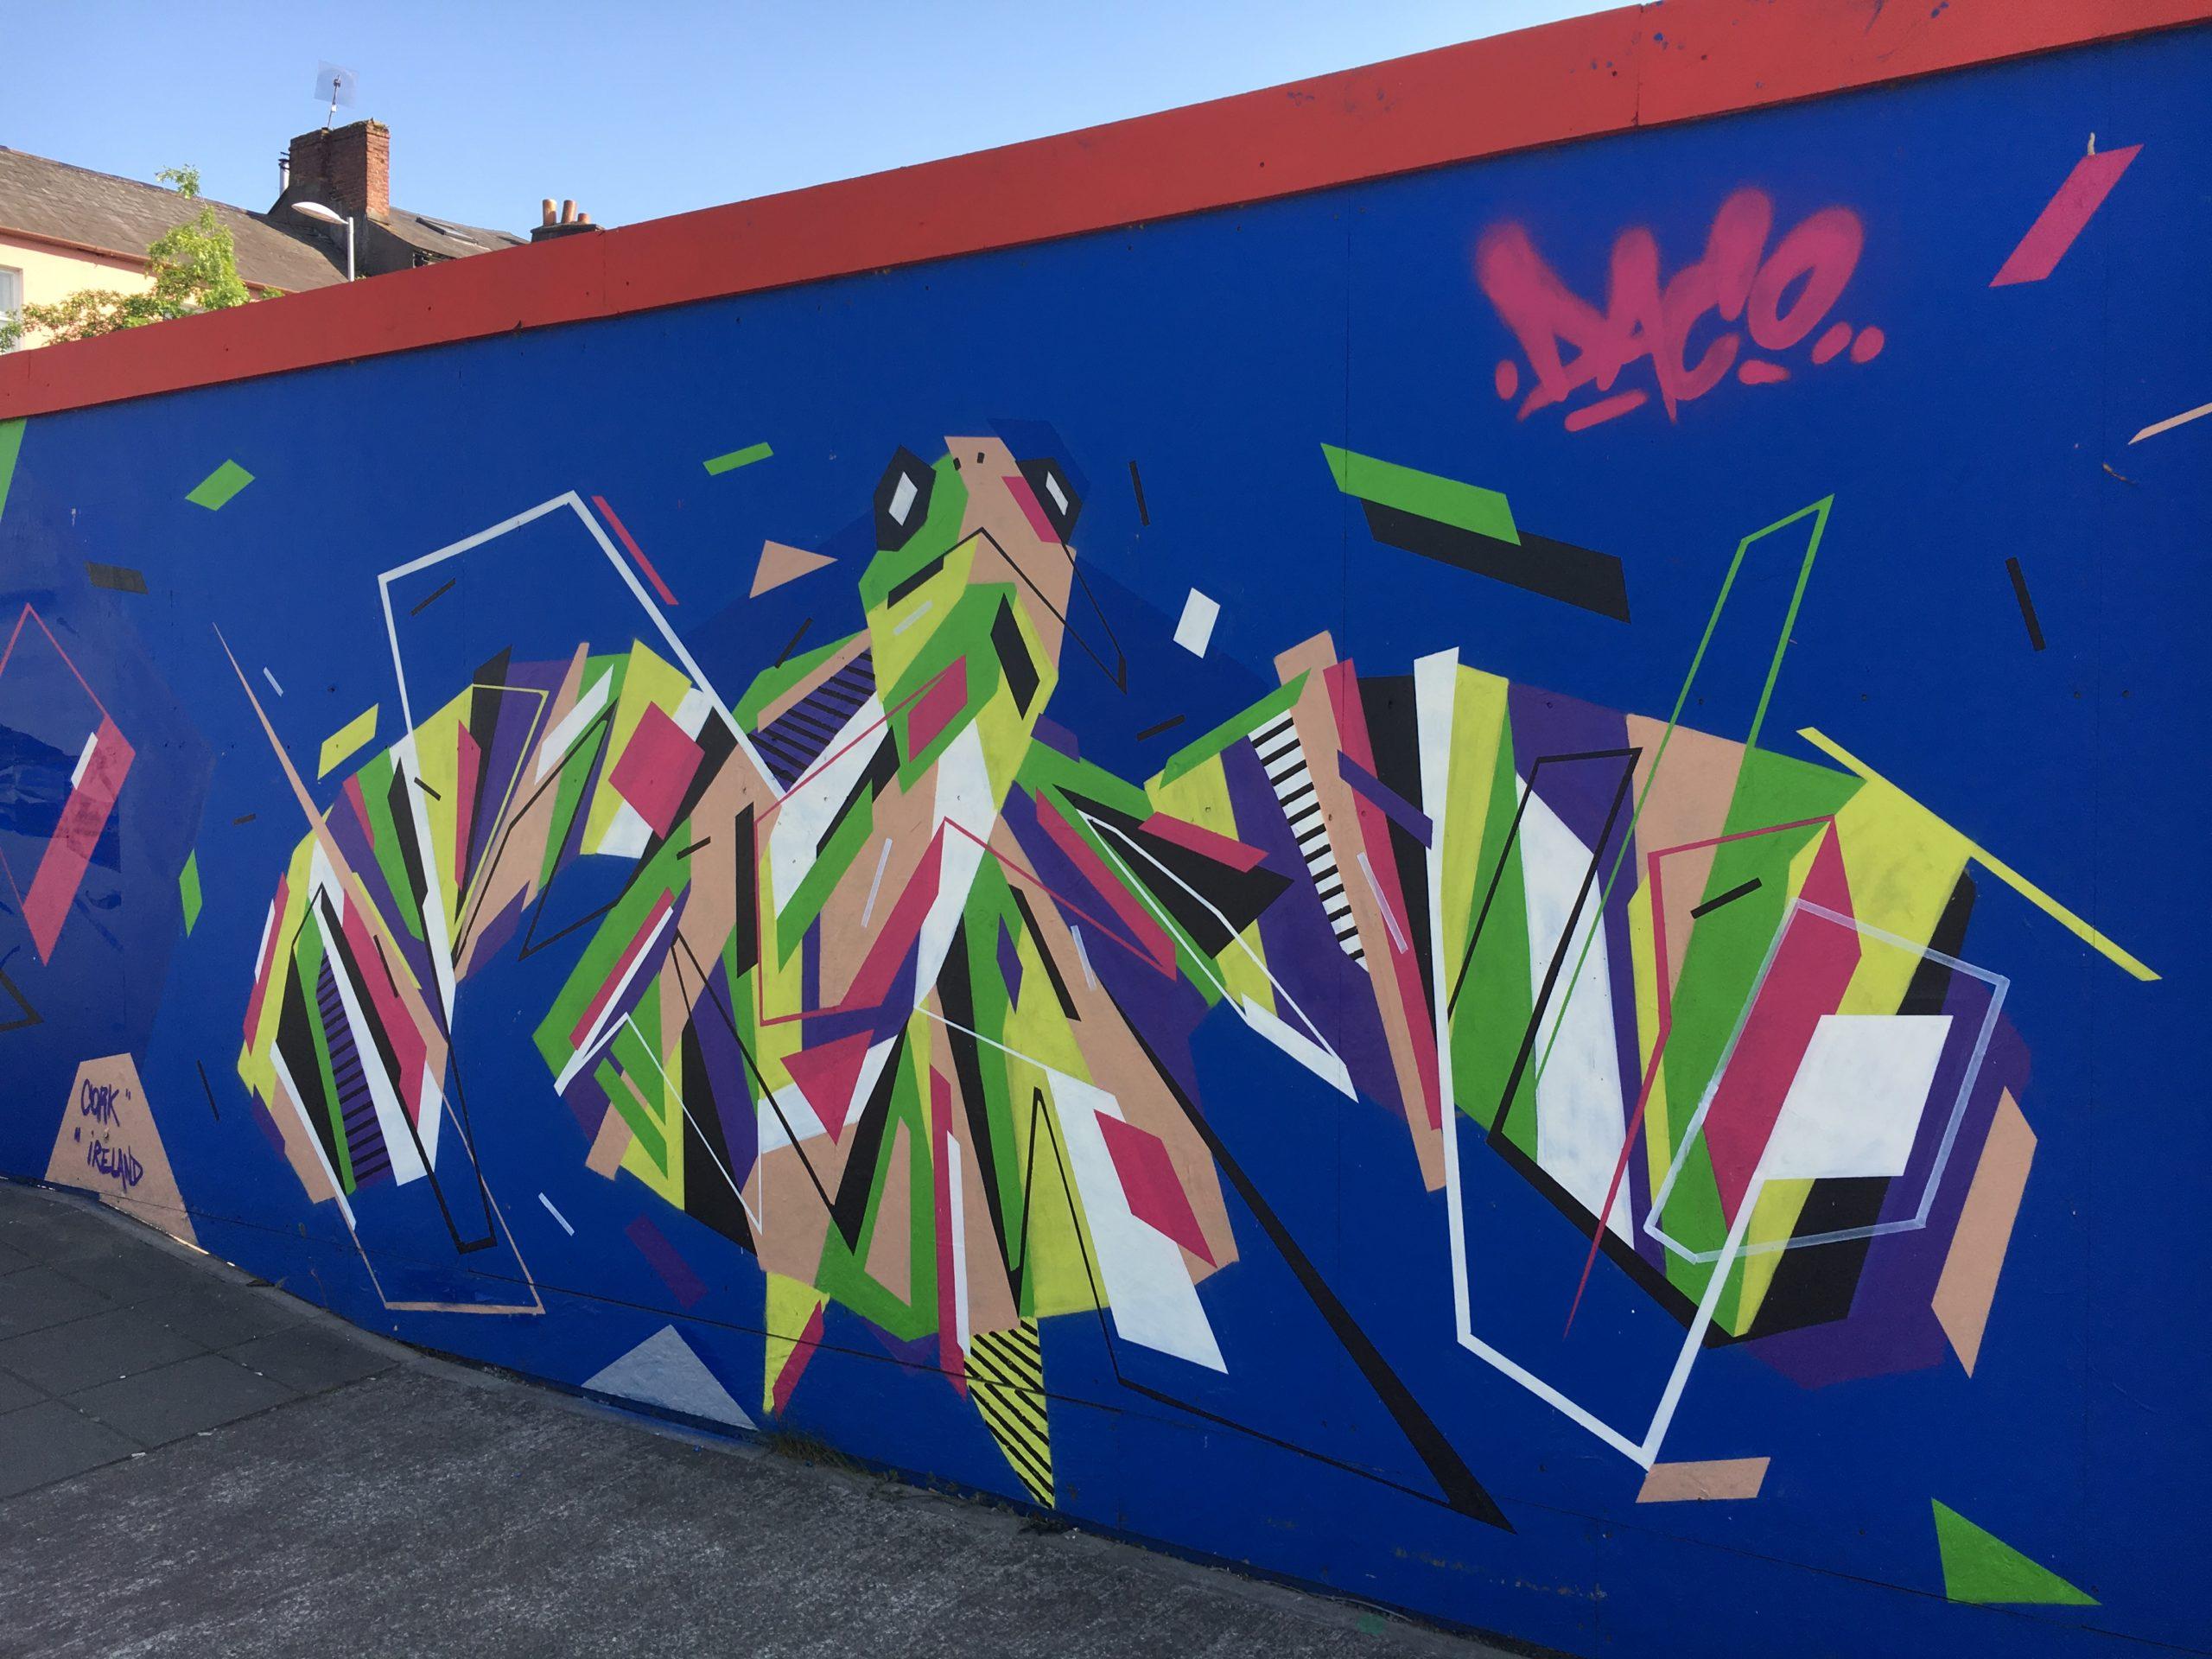 Fresque Graffaune Graffiti tortue réalisée par Daco